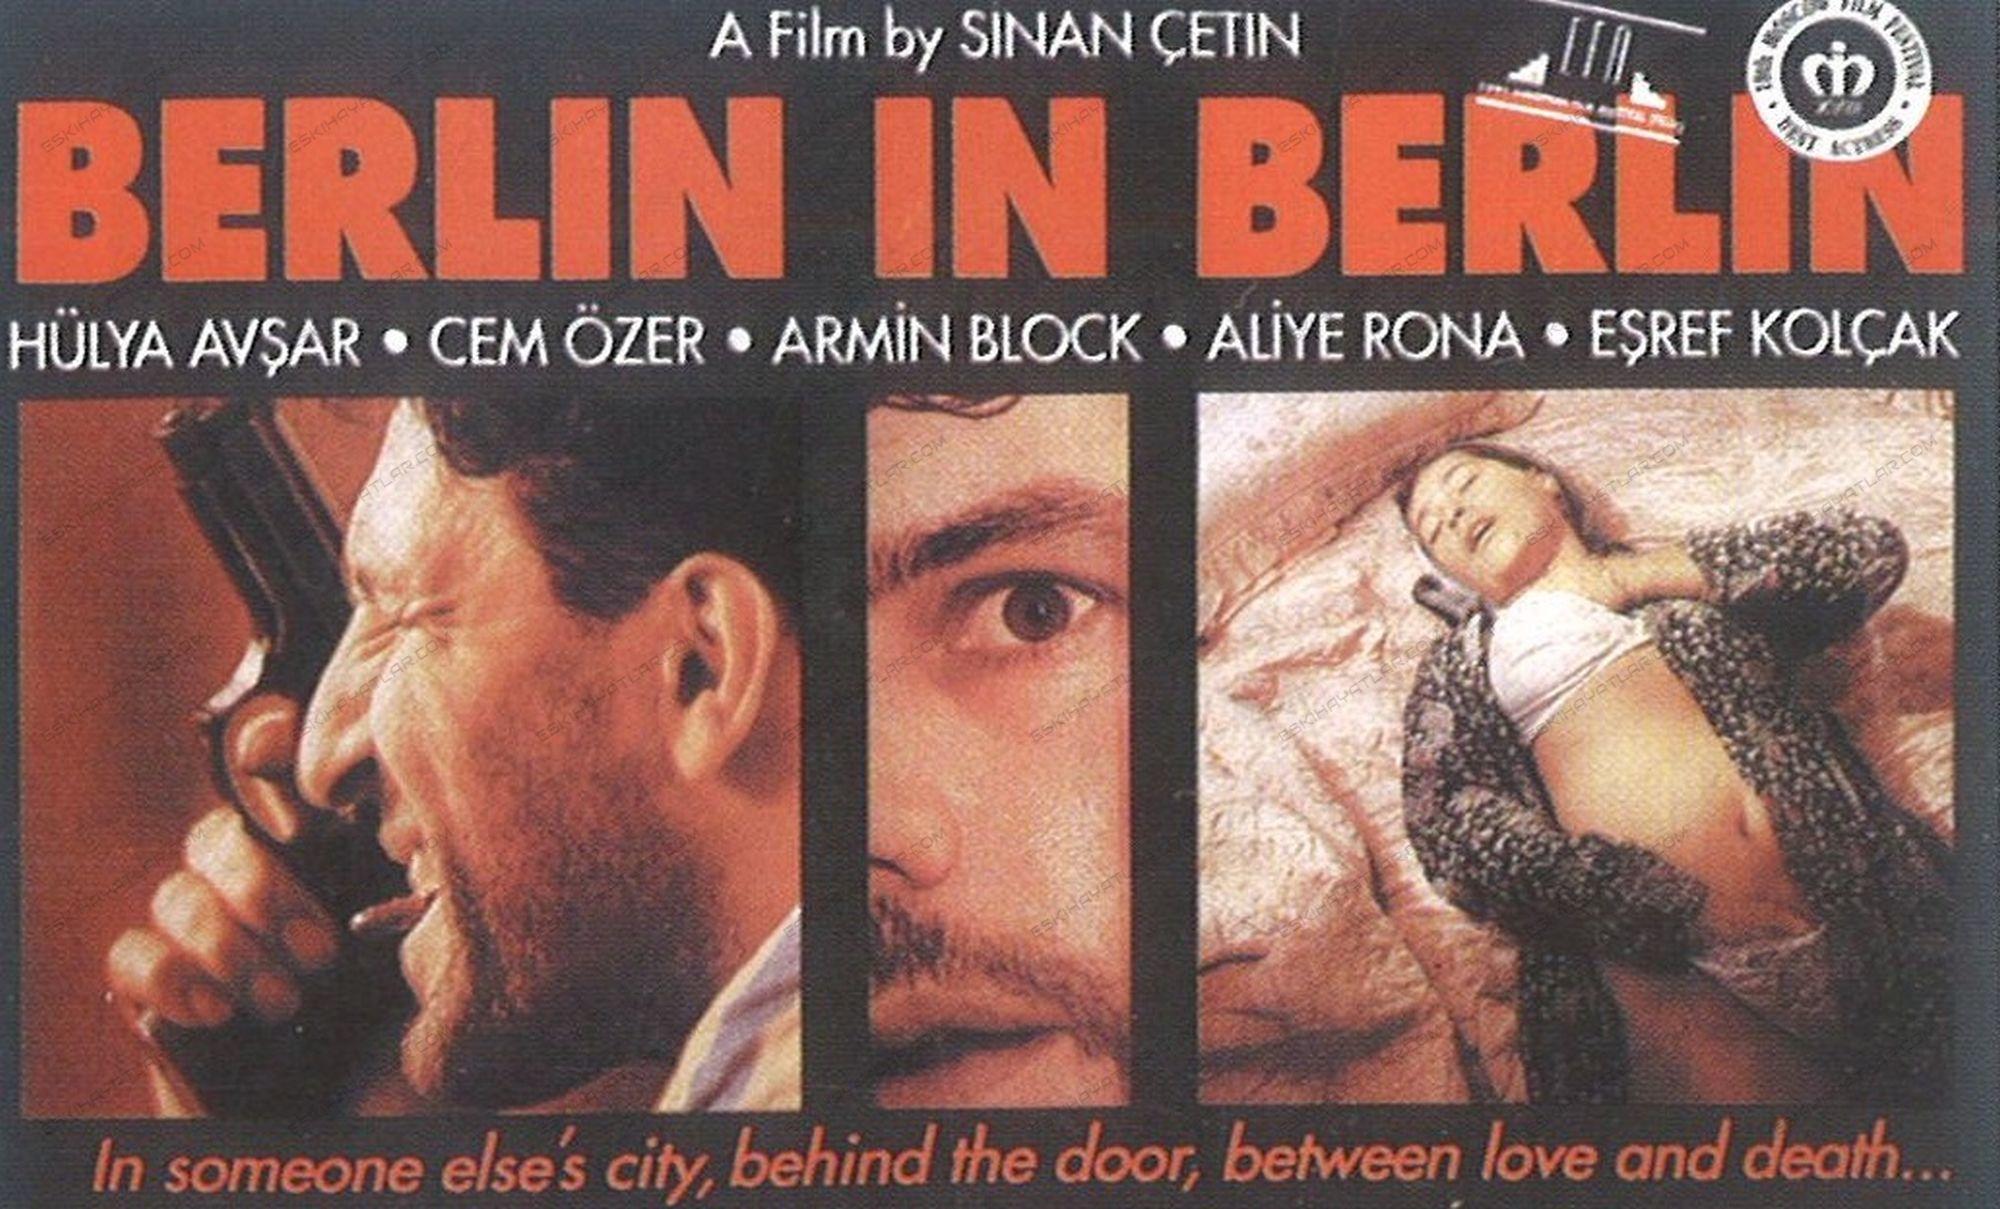 hulya-avsar-berlin-in-berlin-film-afisi-1992-sinan-cetin-cem-ozer-moskova-film-festivali